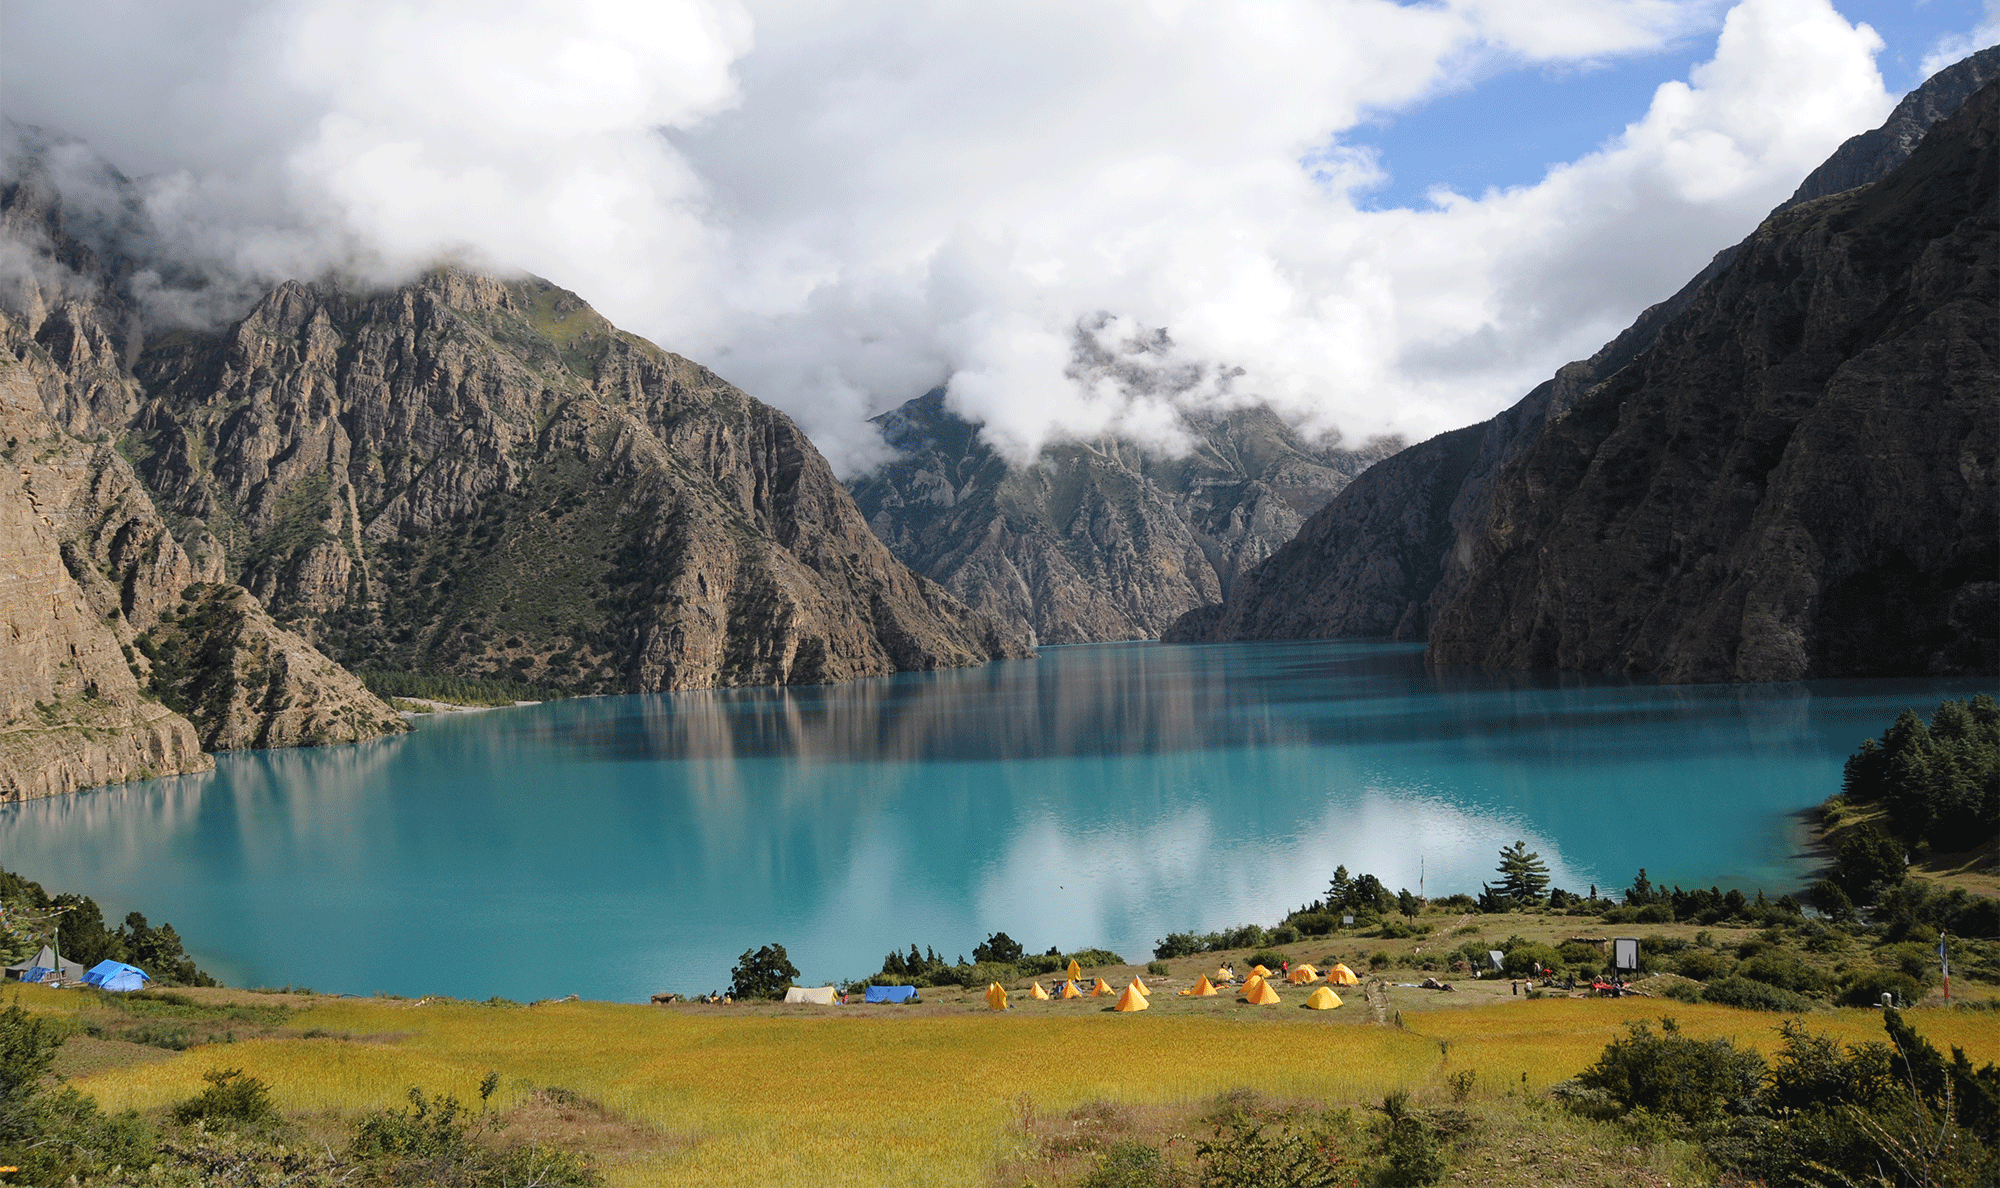 phoksundo-lake